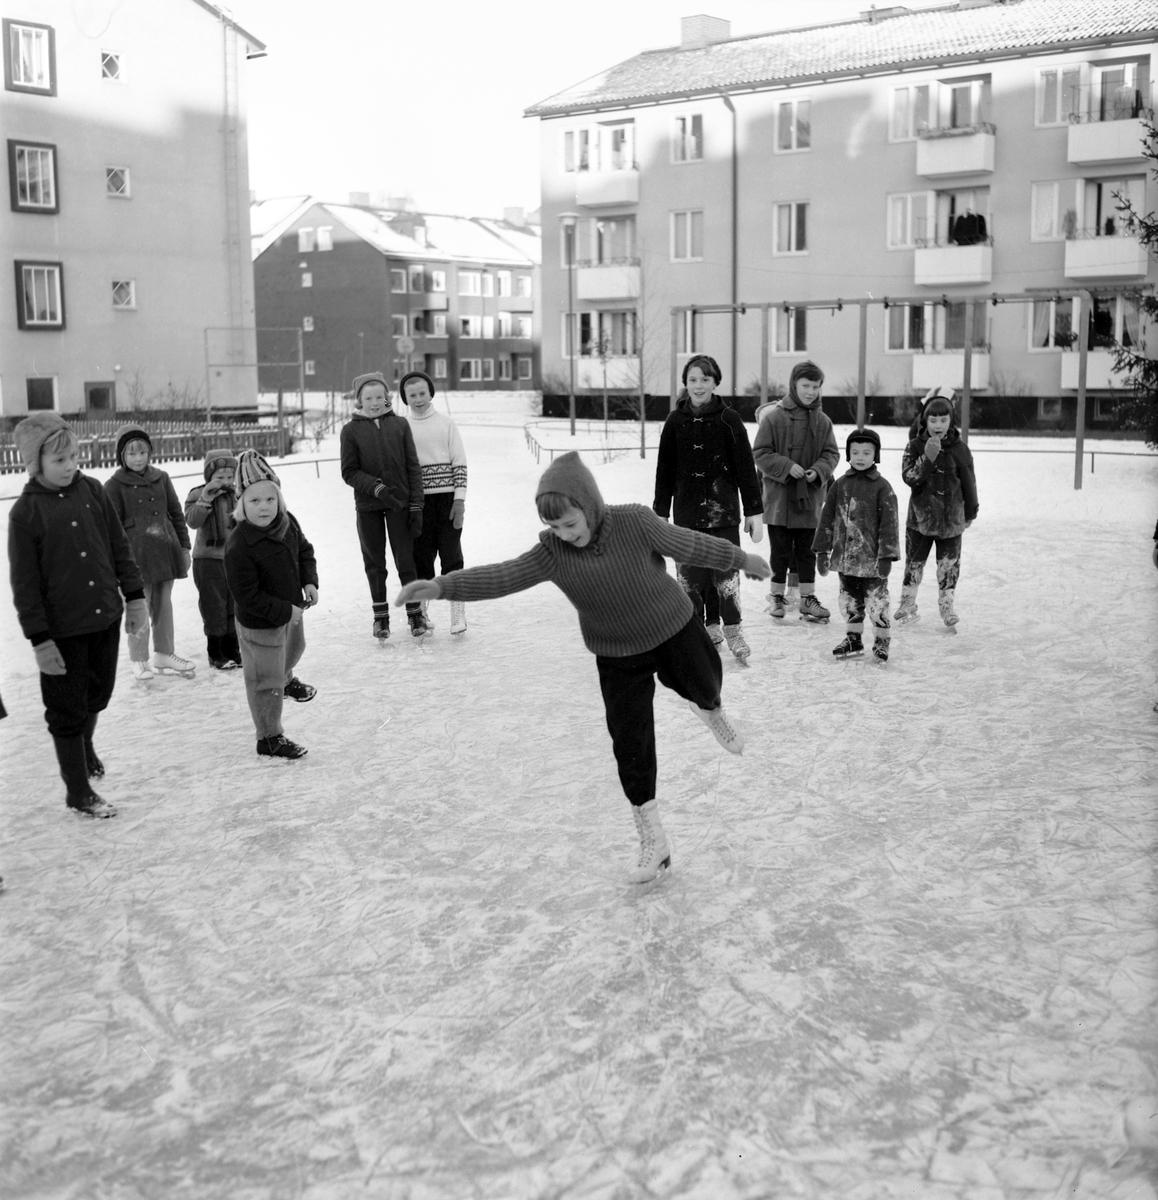 Skridkskoplan vid Parkvägen /Artillerigatan, Gävle. Den 23 januari 1957.